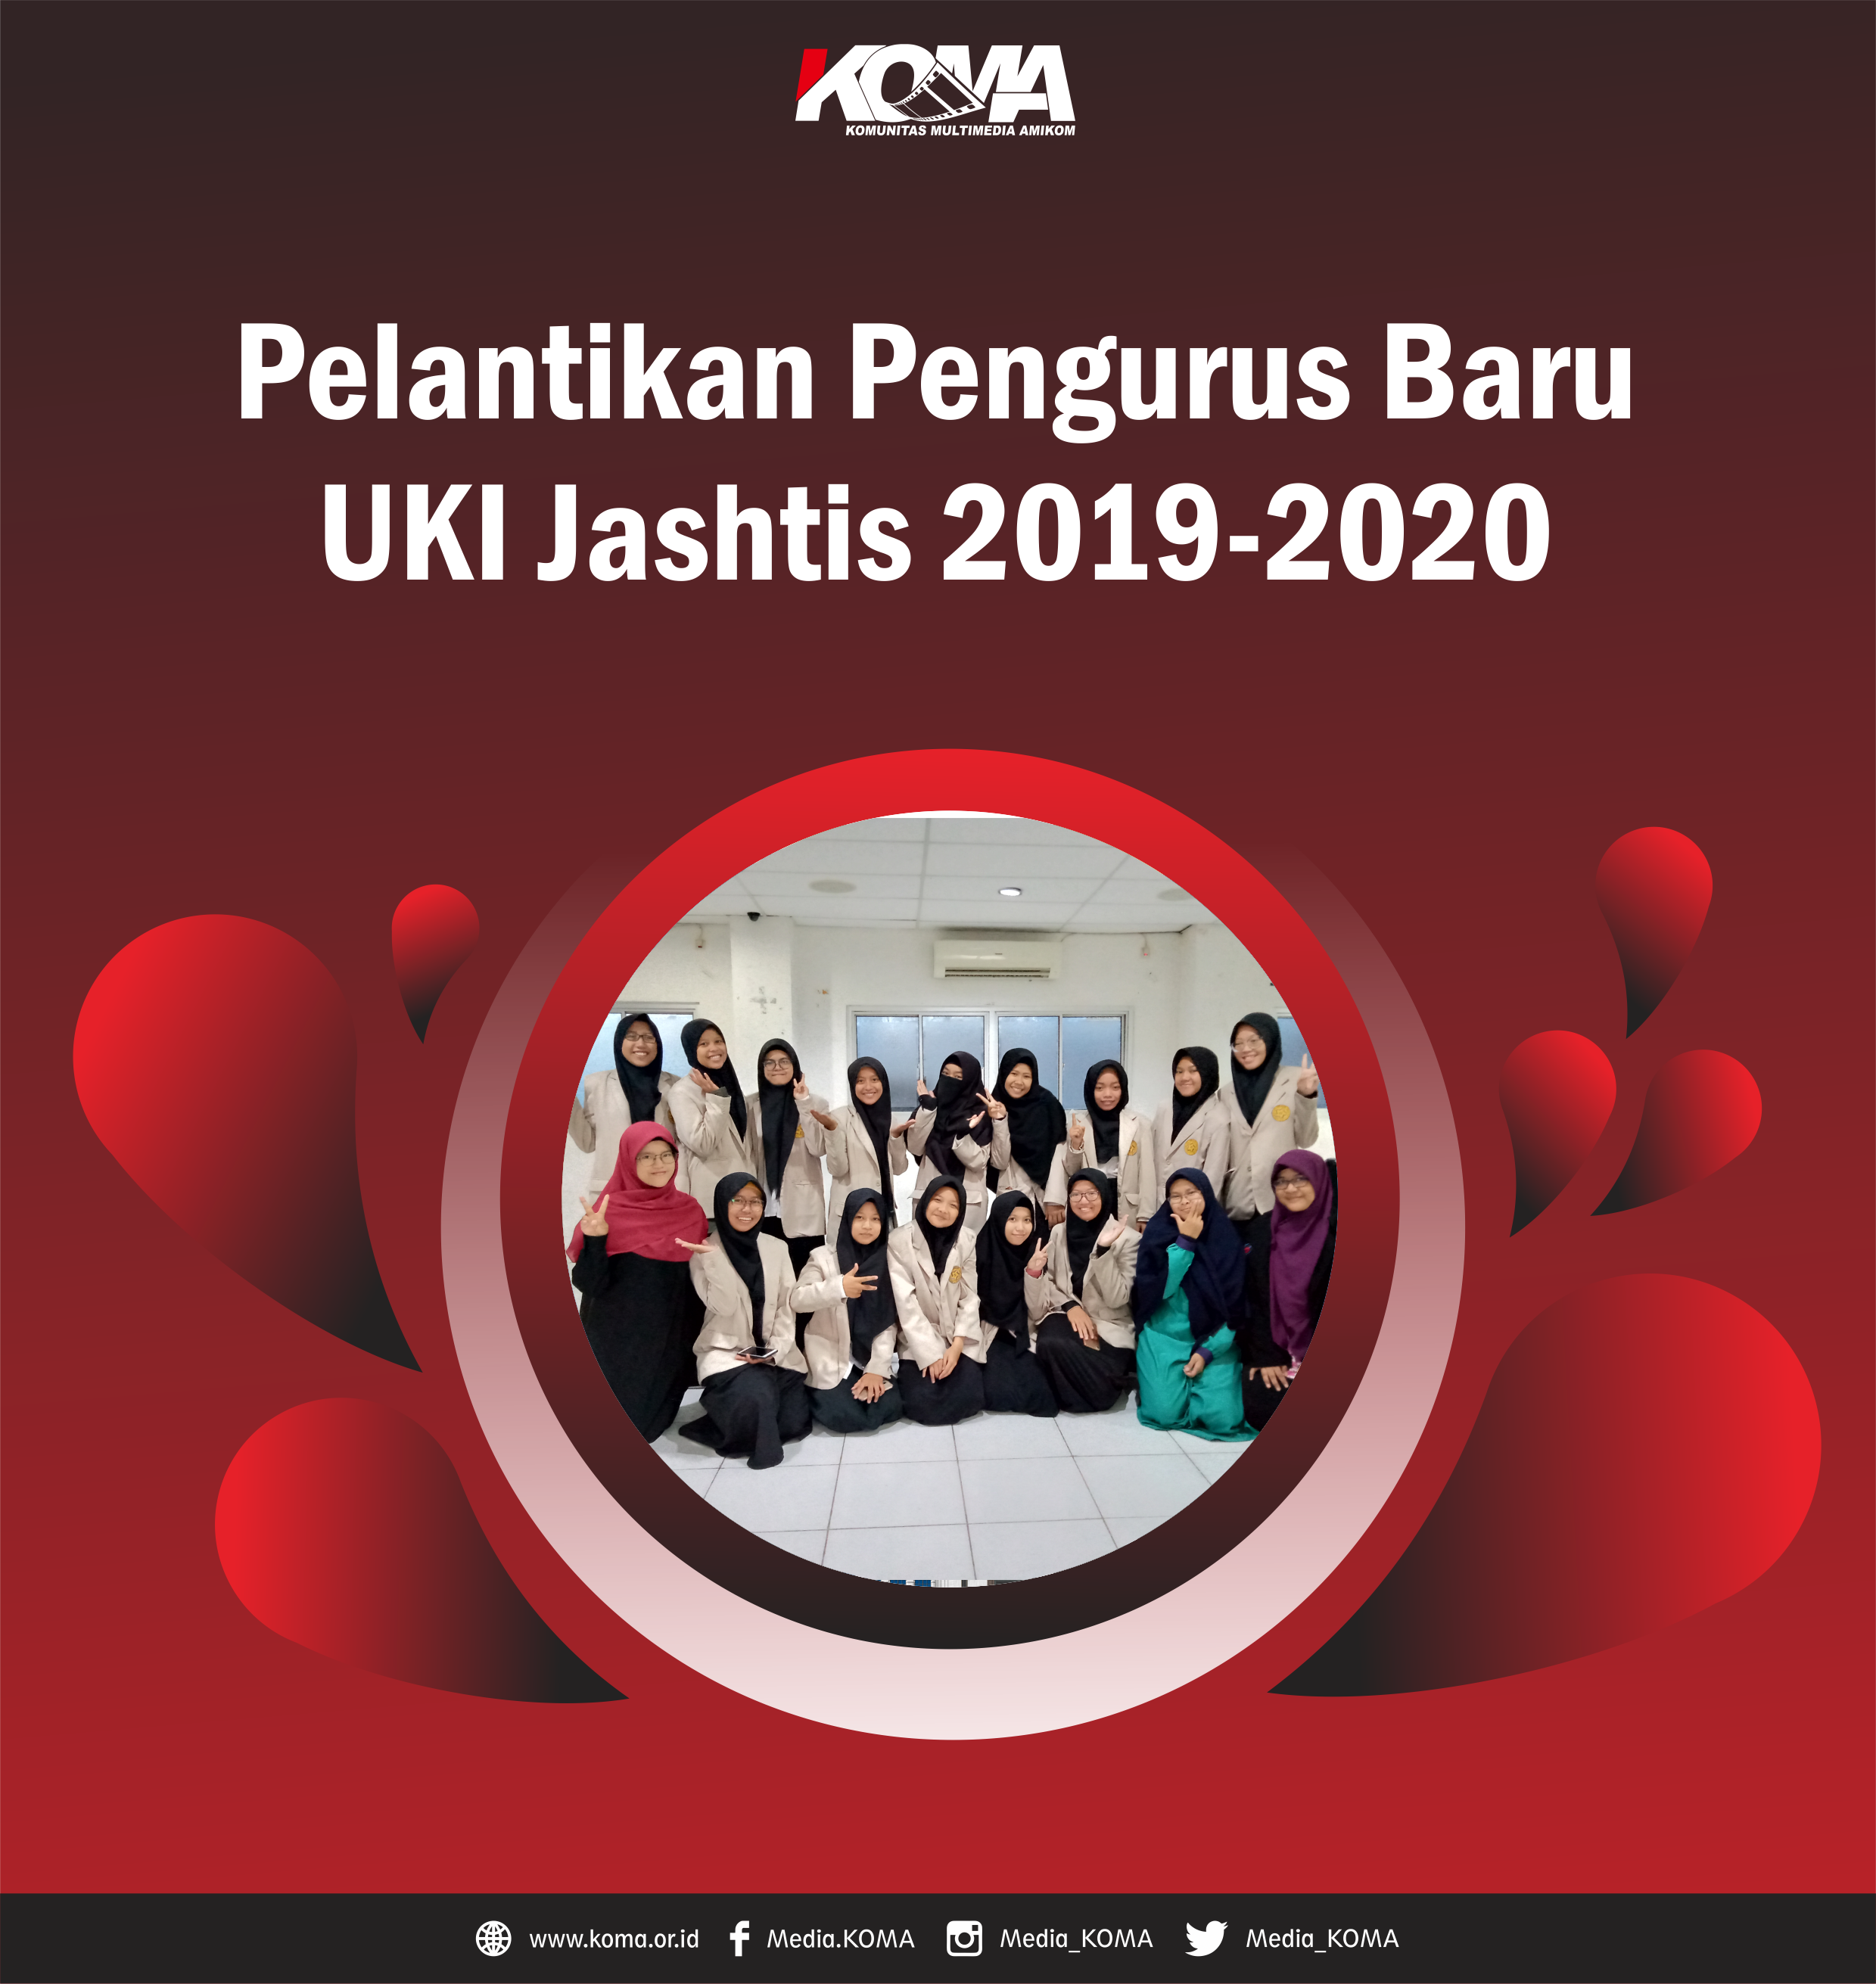 Pelantikan-Pengurus-Baru-UKI-Jashtis-2019-2020